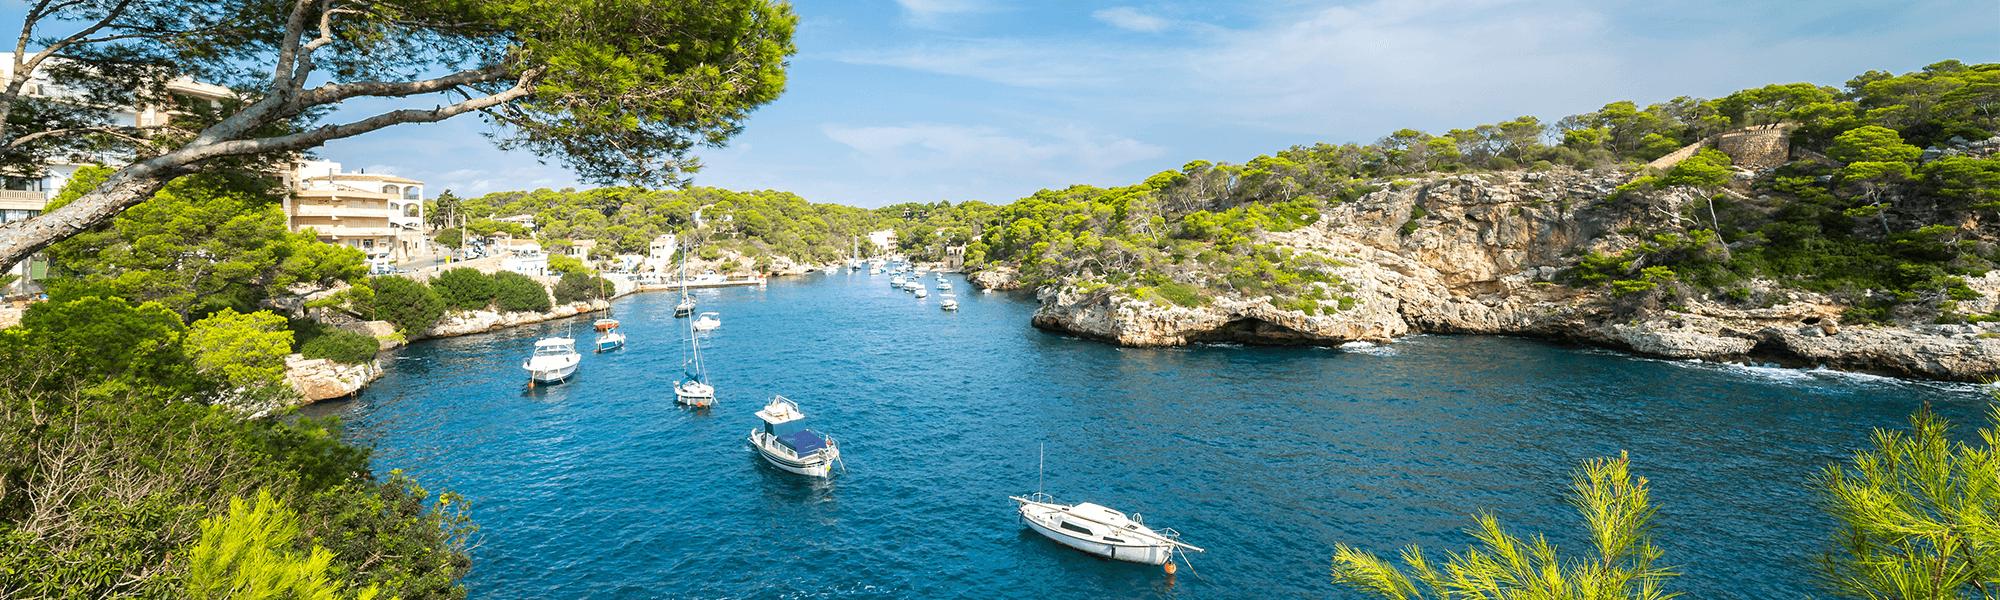 Insidertipps Mallorca von TUI fly Flugbegleiterin Barbara